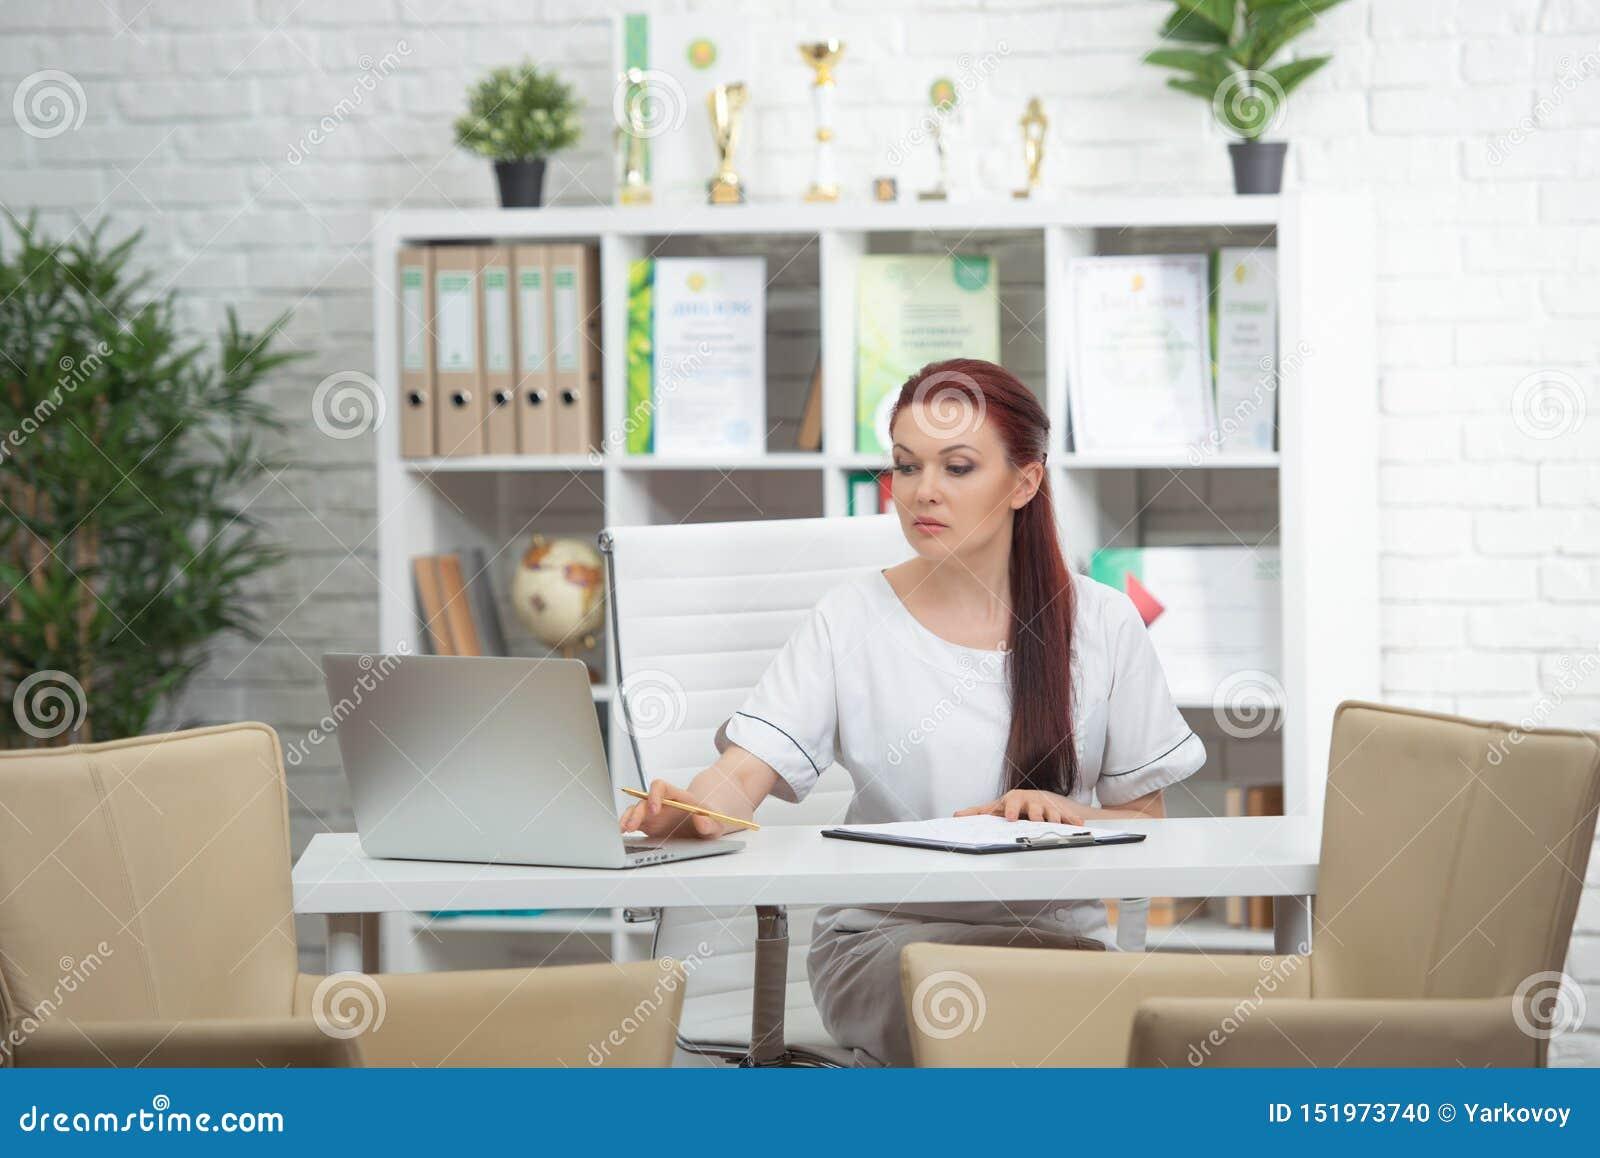 Überzeugte Ärztin, die am Tisch in ihrem Büro sitzt und an der Kamera lächelt Pille im hand